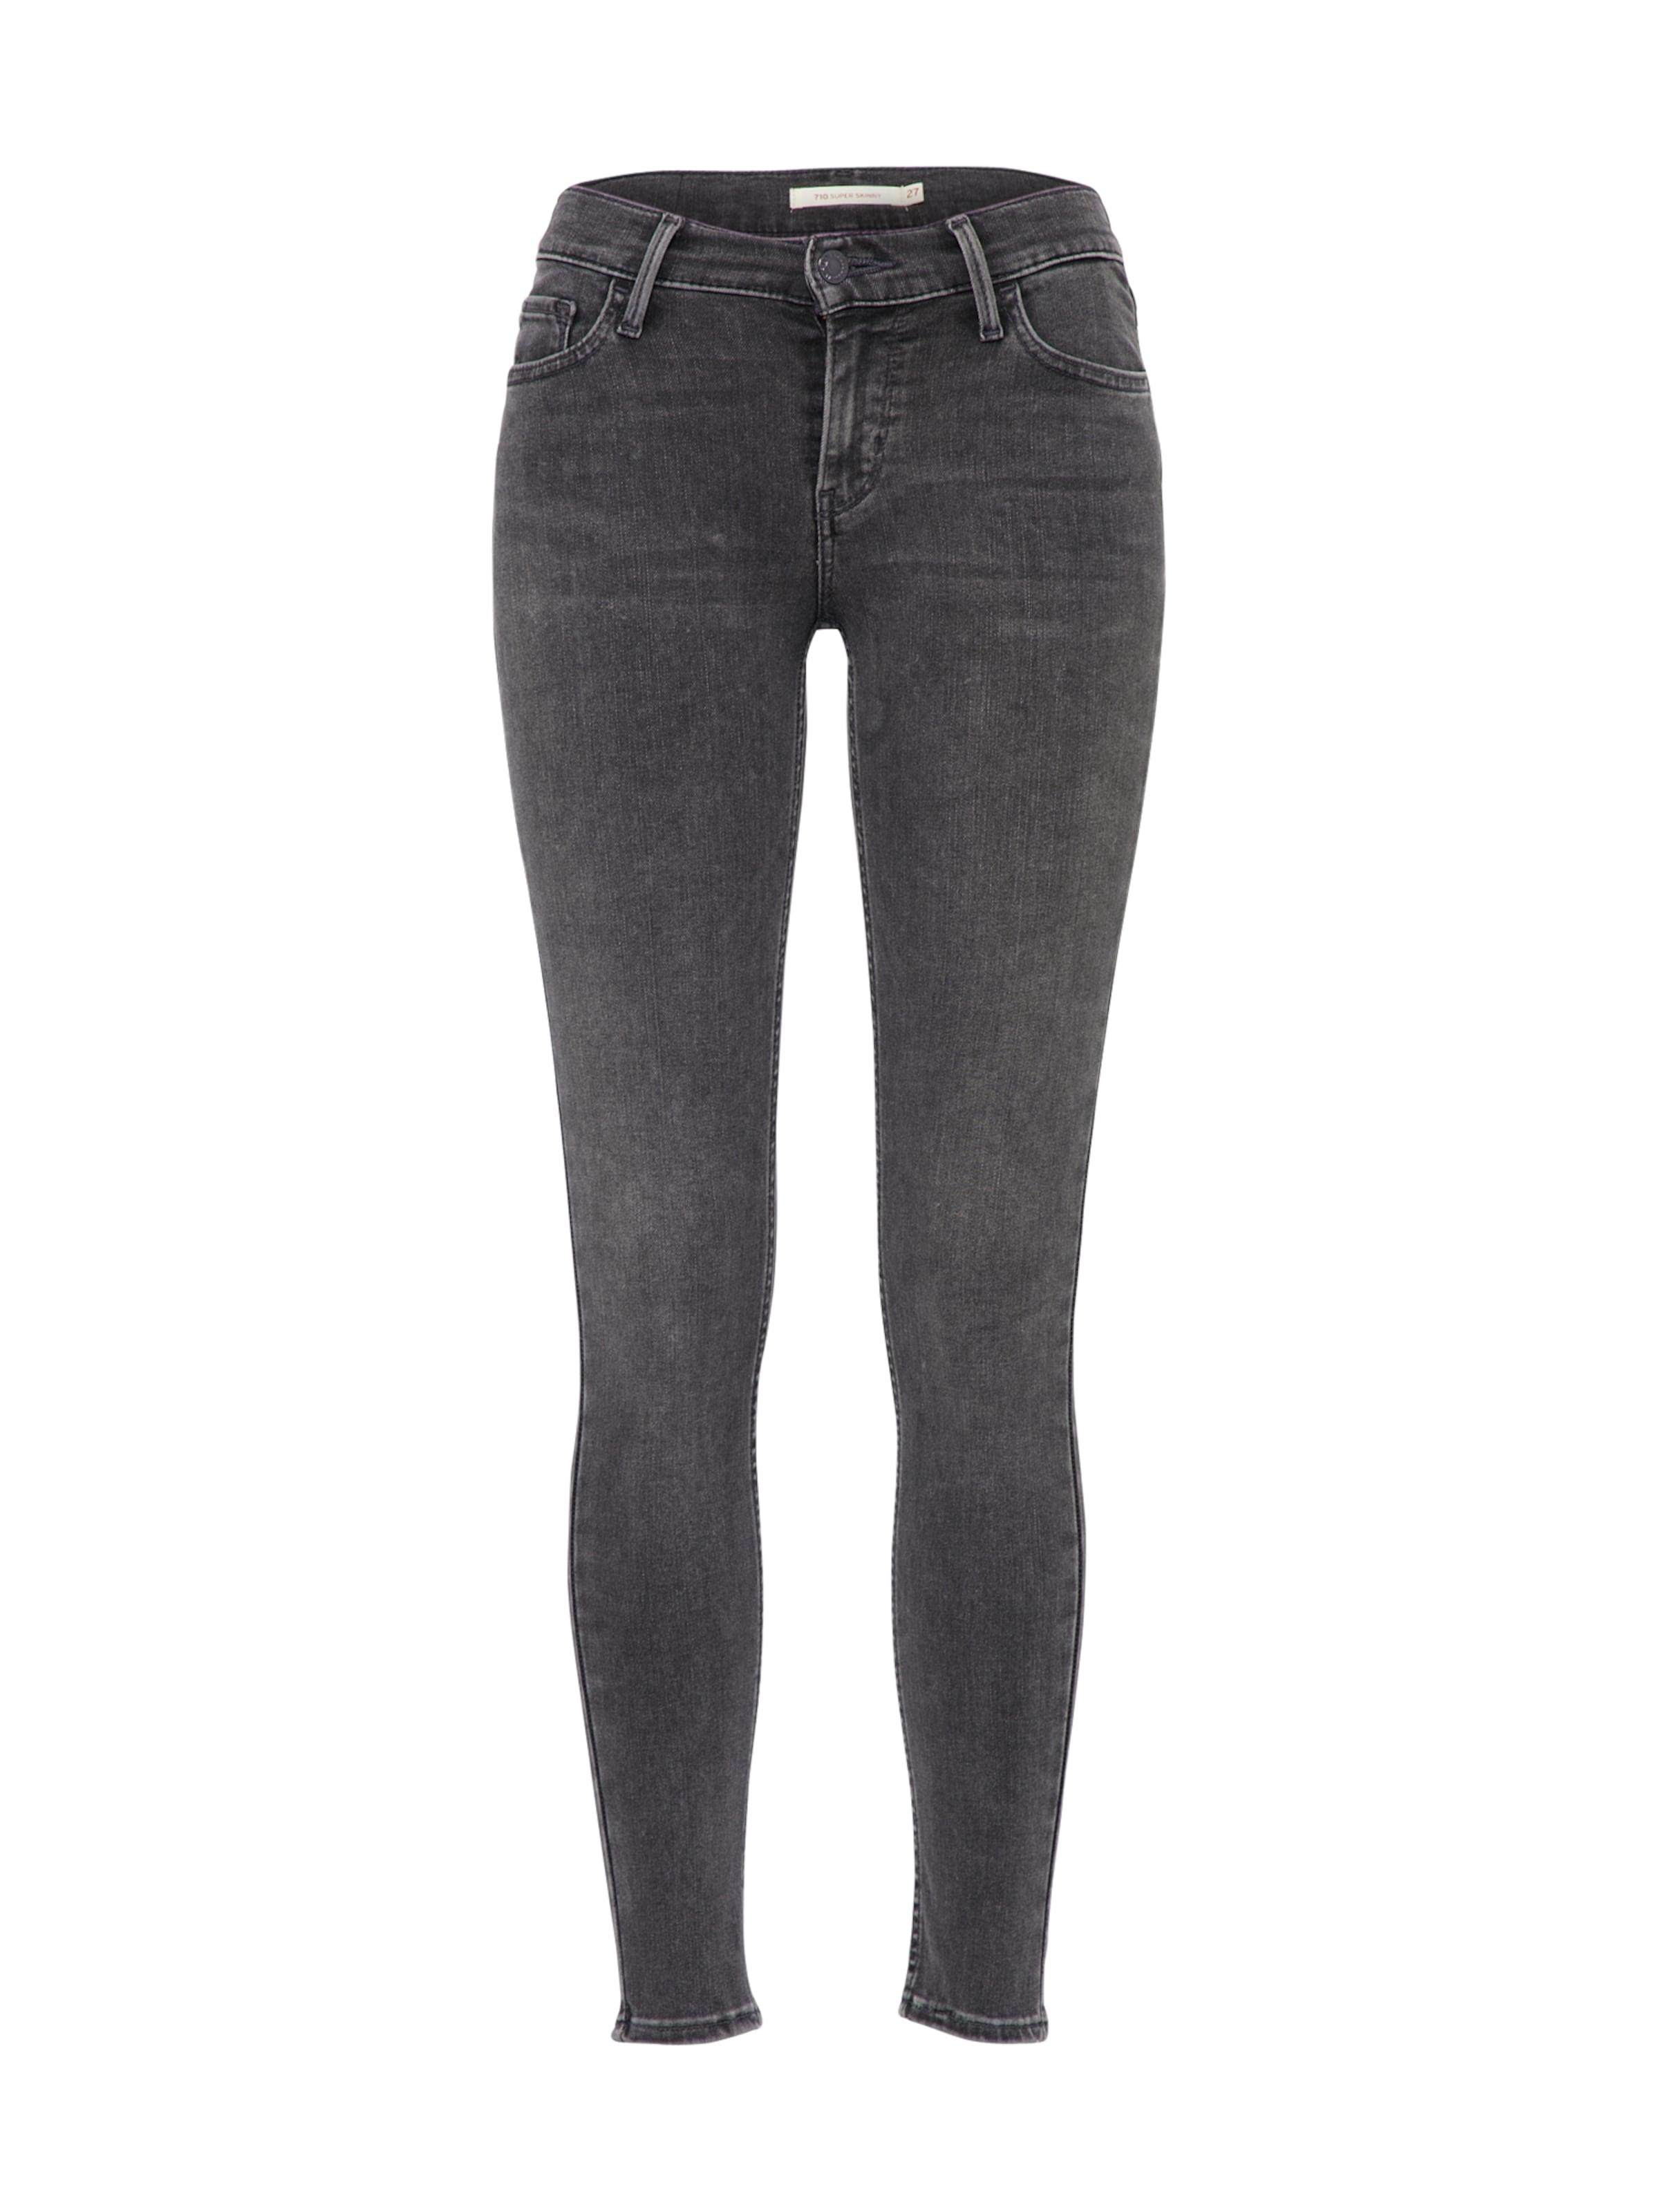 Super Skinny' Levi's Innovation Grey Jeans '710 Denim In 354SALqcRj